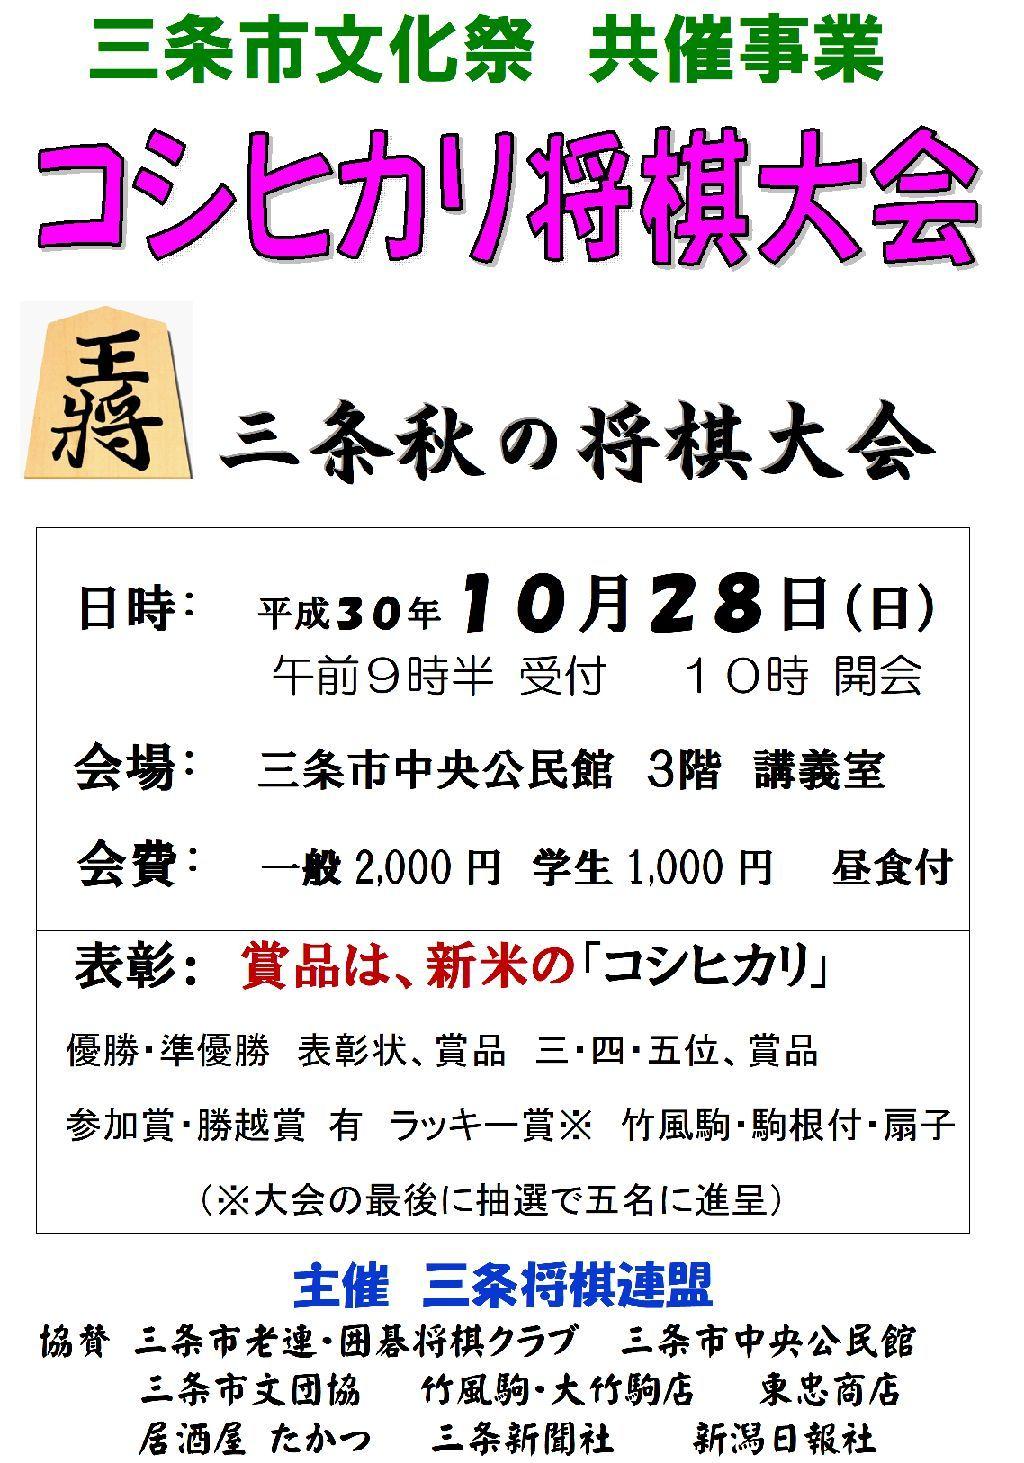 コシヒカリ将棋大会のご案内_f0031459_19092334.jpg